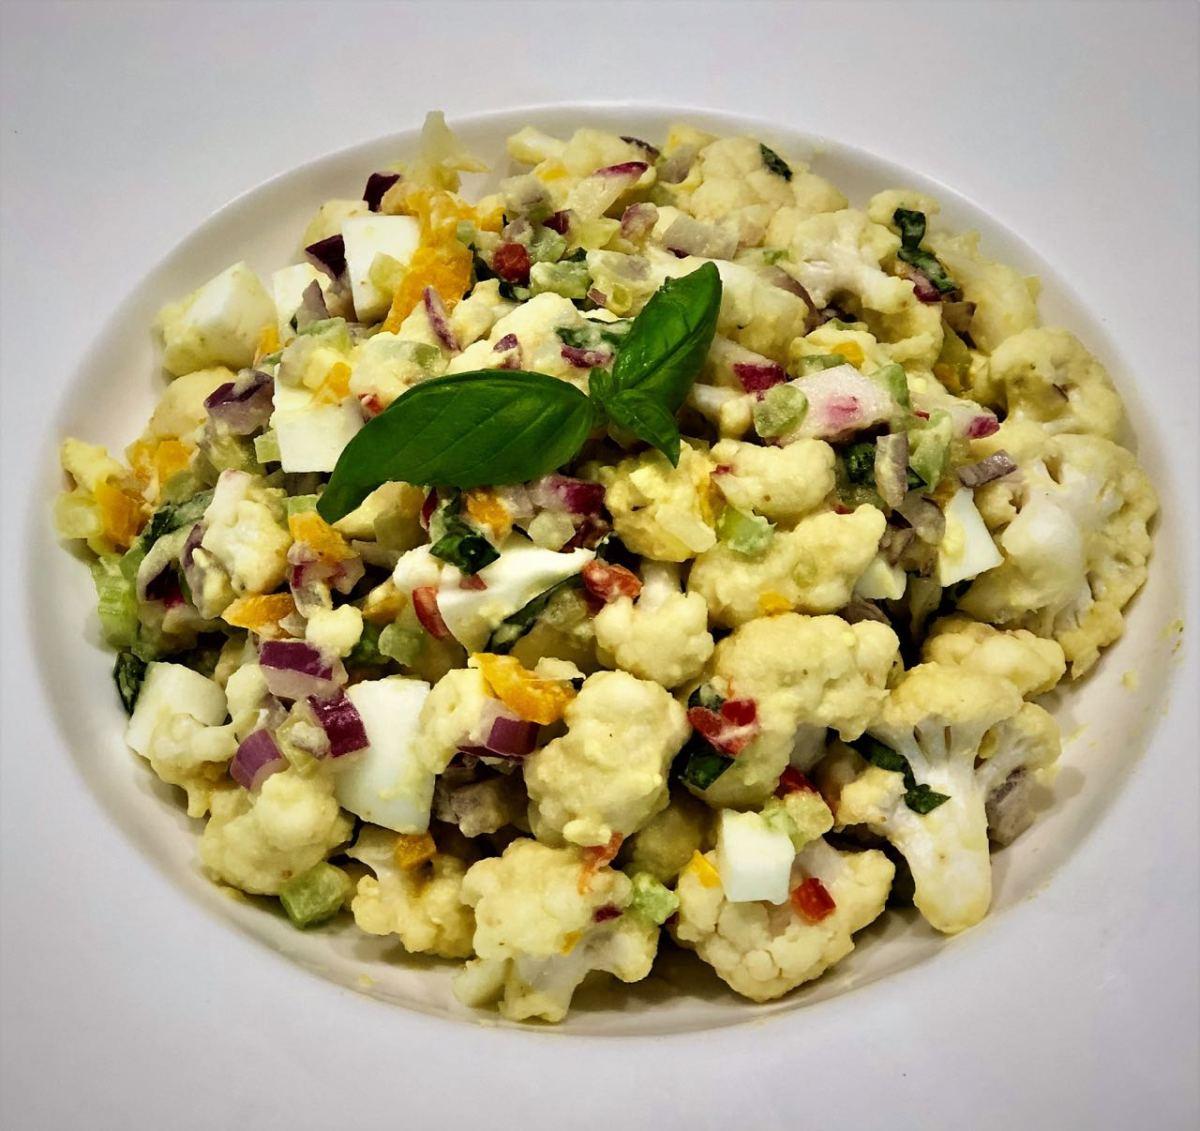 Ensalada de coliflor con mayonesa de zucchini o calabacin